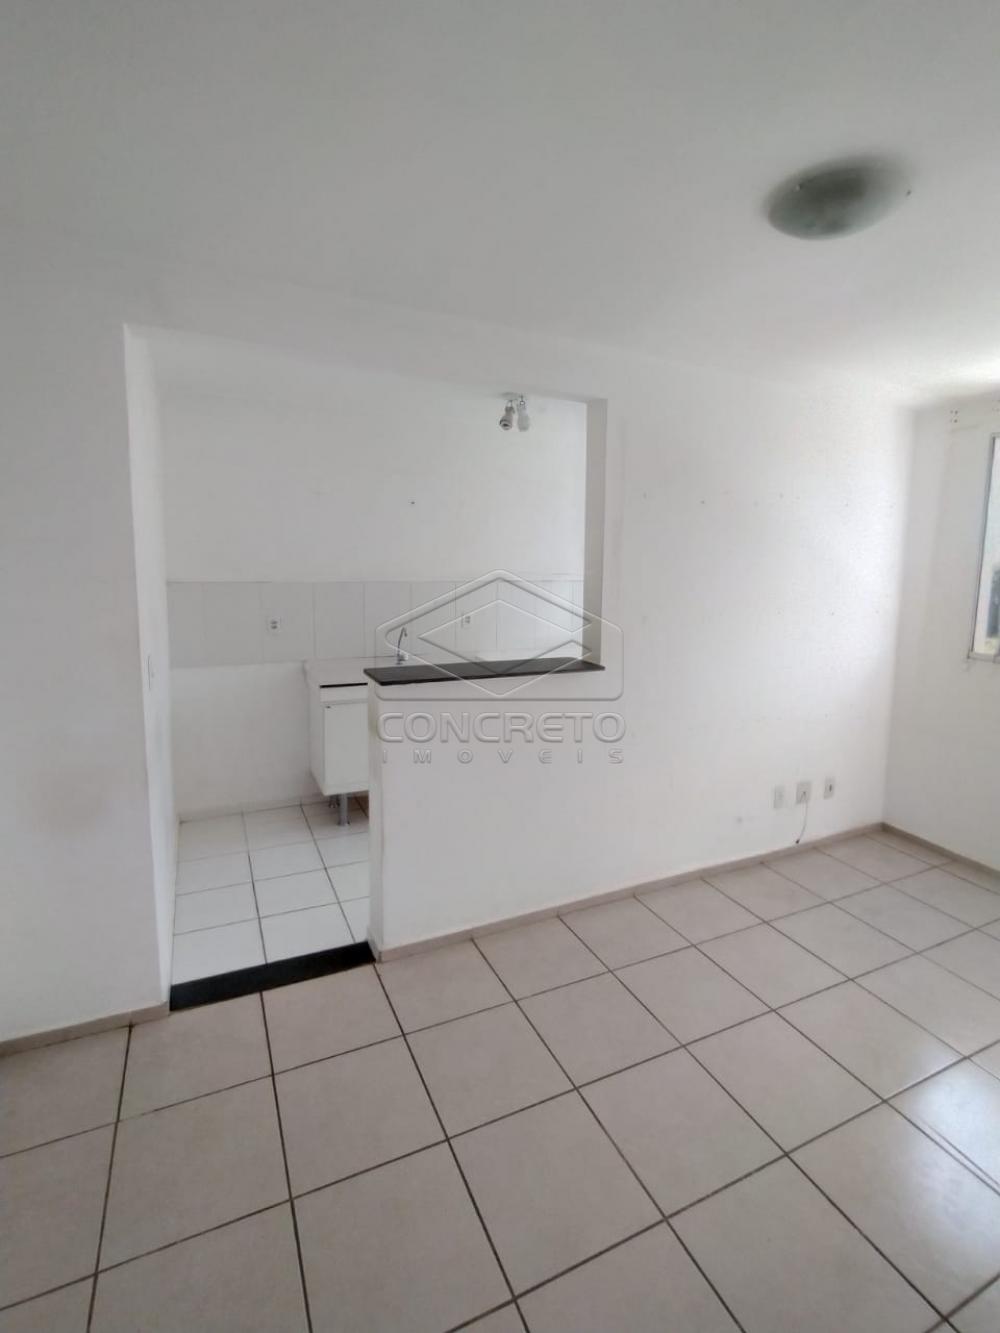 Alugar Apartamento / Padrão em Bauru R$ 600,00 - Foto 6